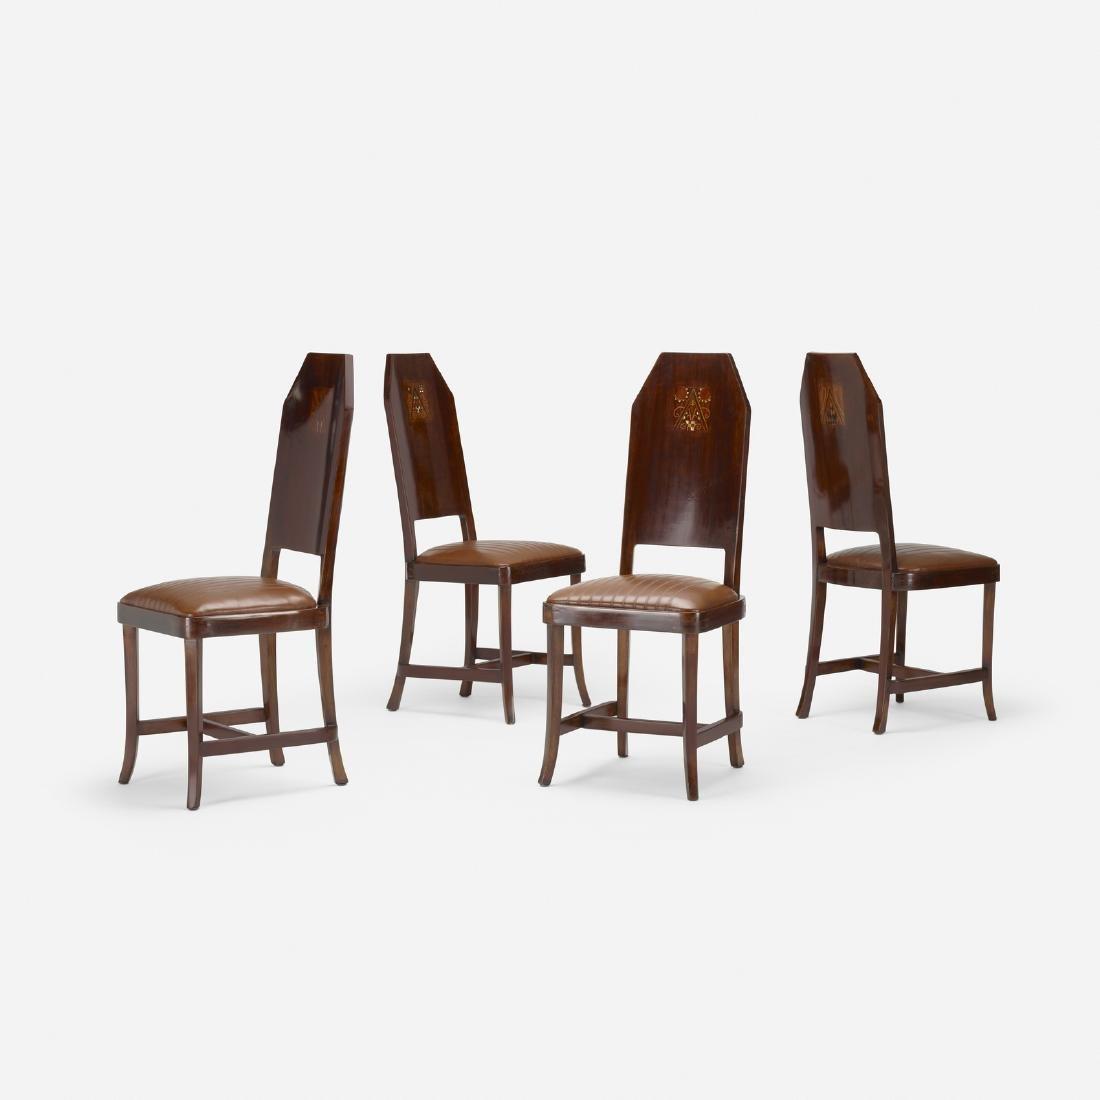 Jugendstil, chairs, set of four